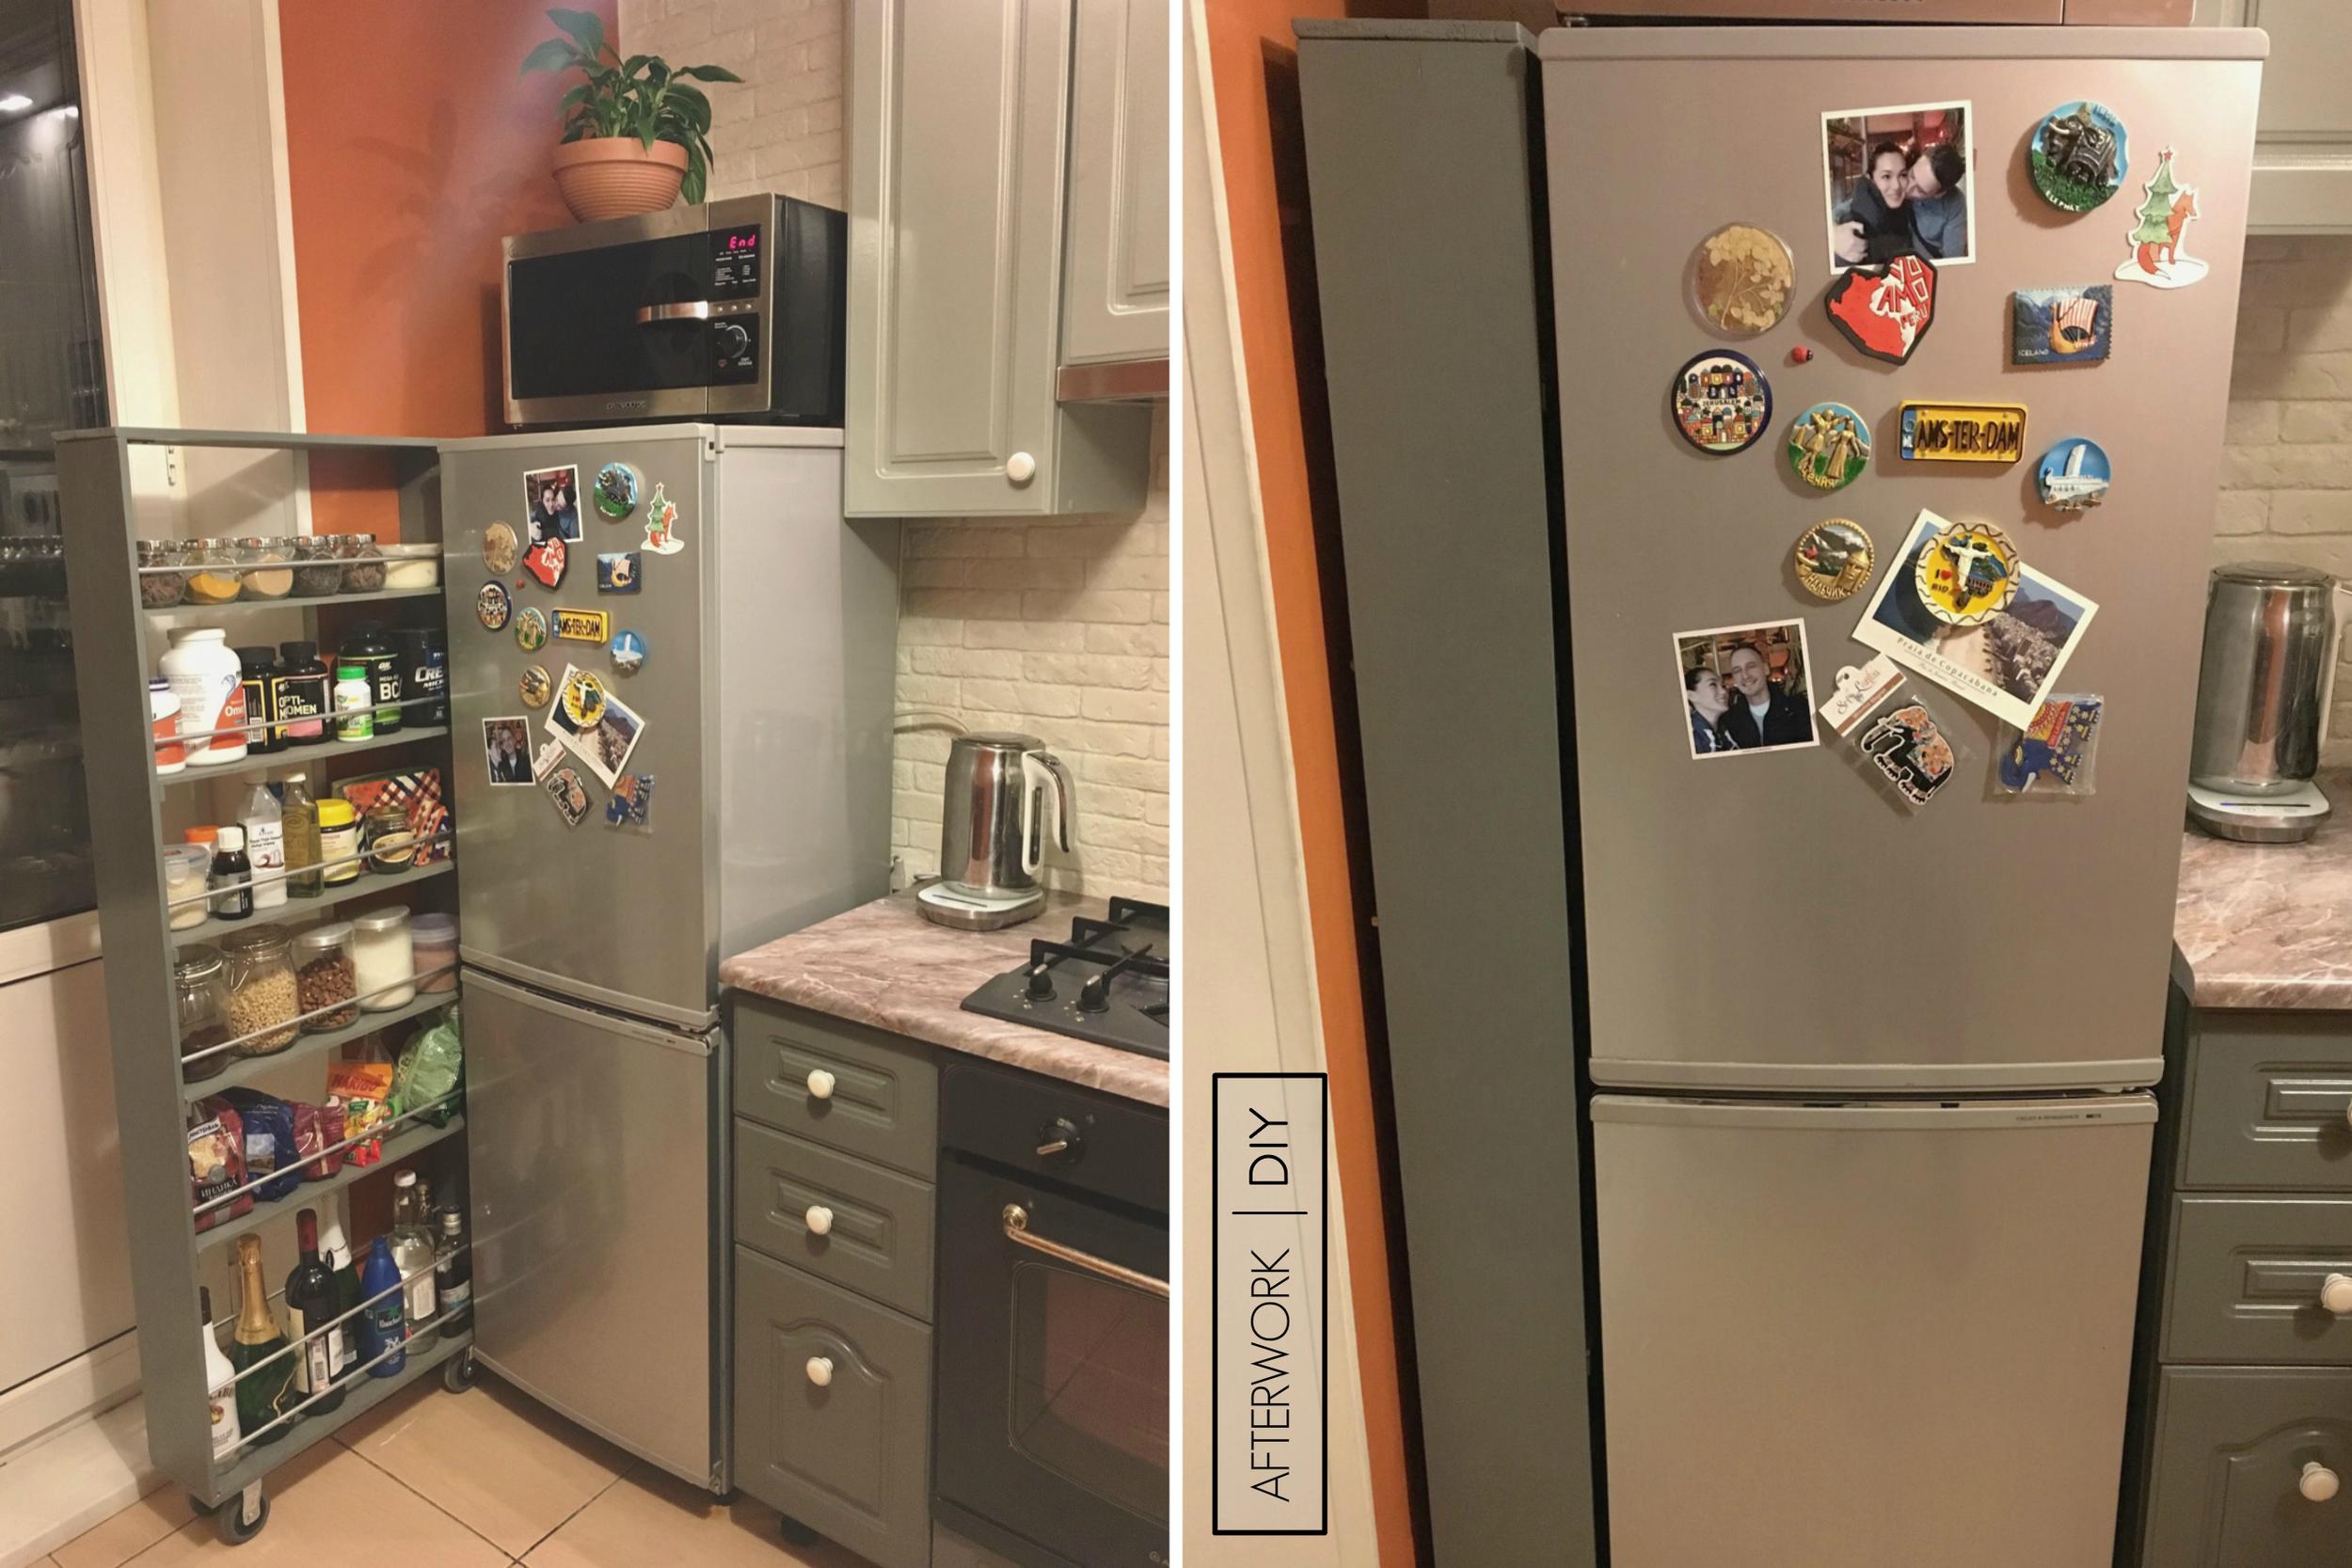 Пространство рядом с холодильником -